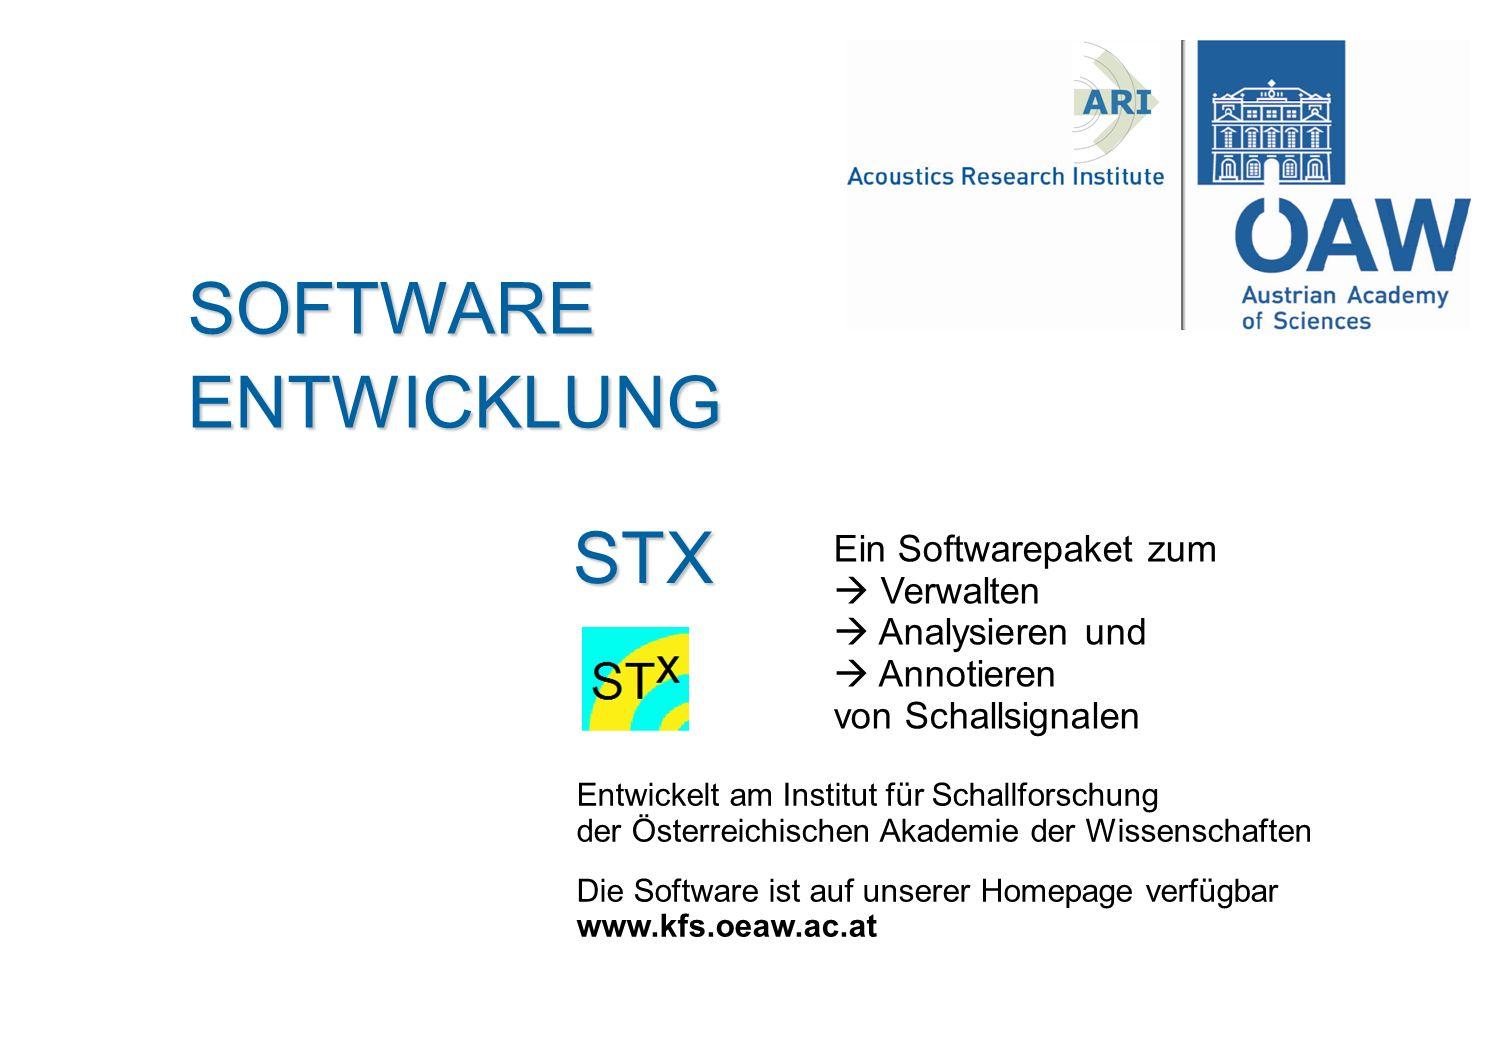 SOFTWARE ENTWICKLUNG STX Ein Softwarepaket zum  Verwalten